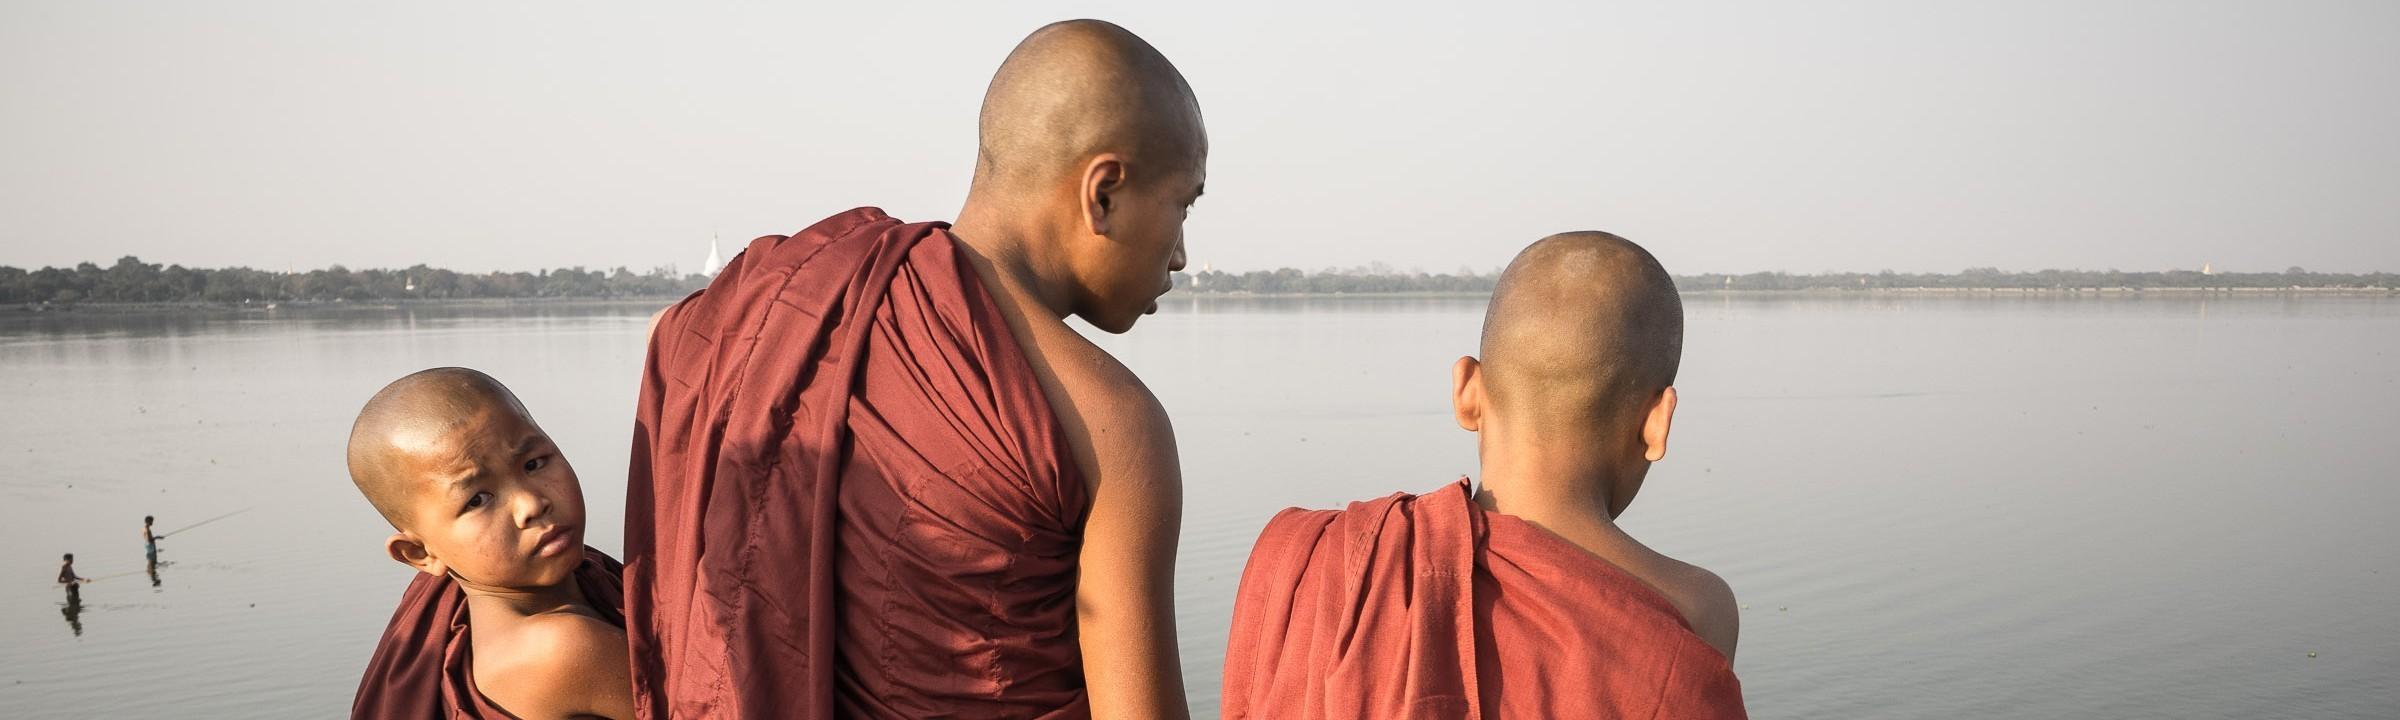 cropped-myanmar-mandalay-u-bein-bridge-07619-e1428278254238.jpg